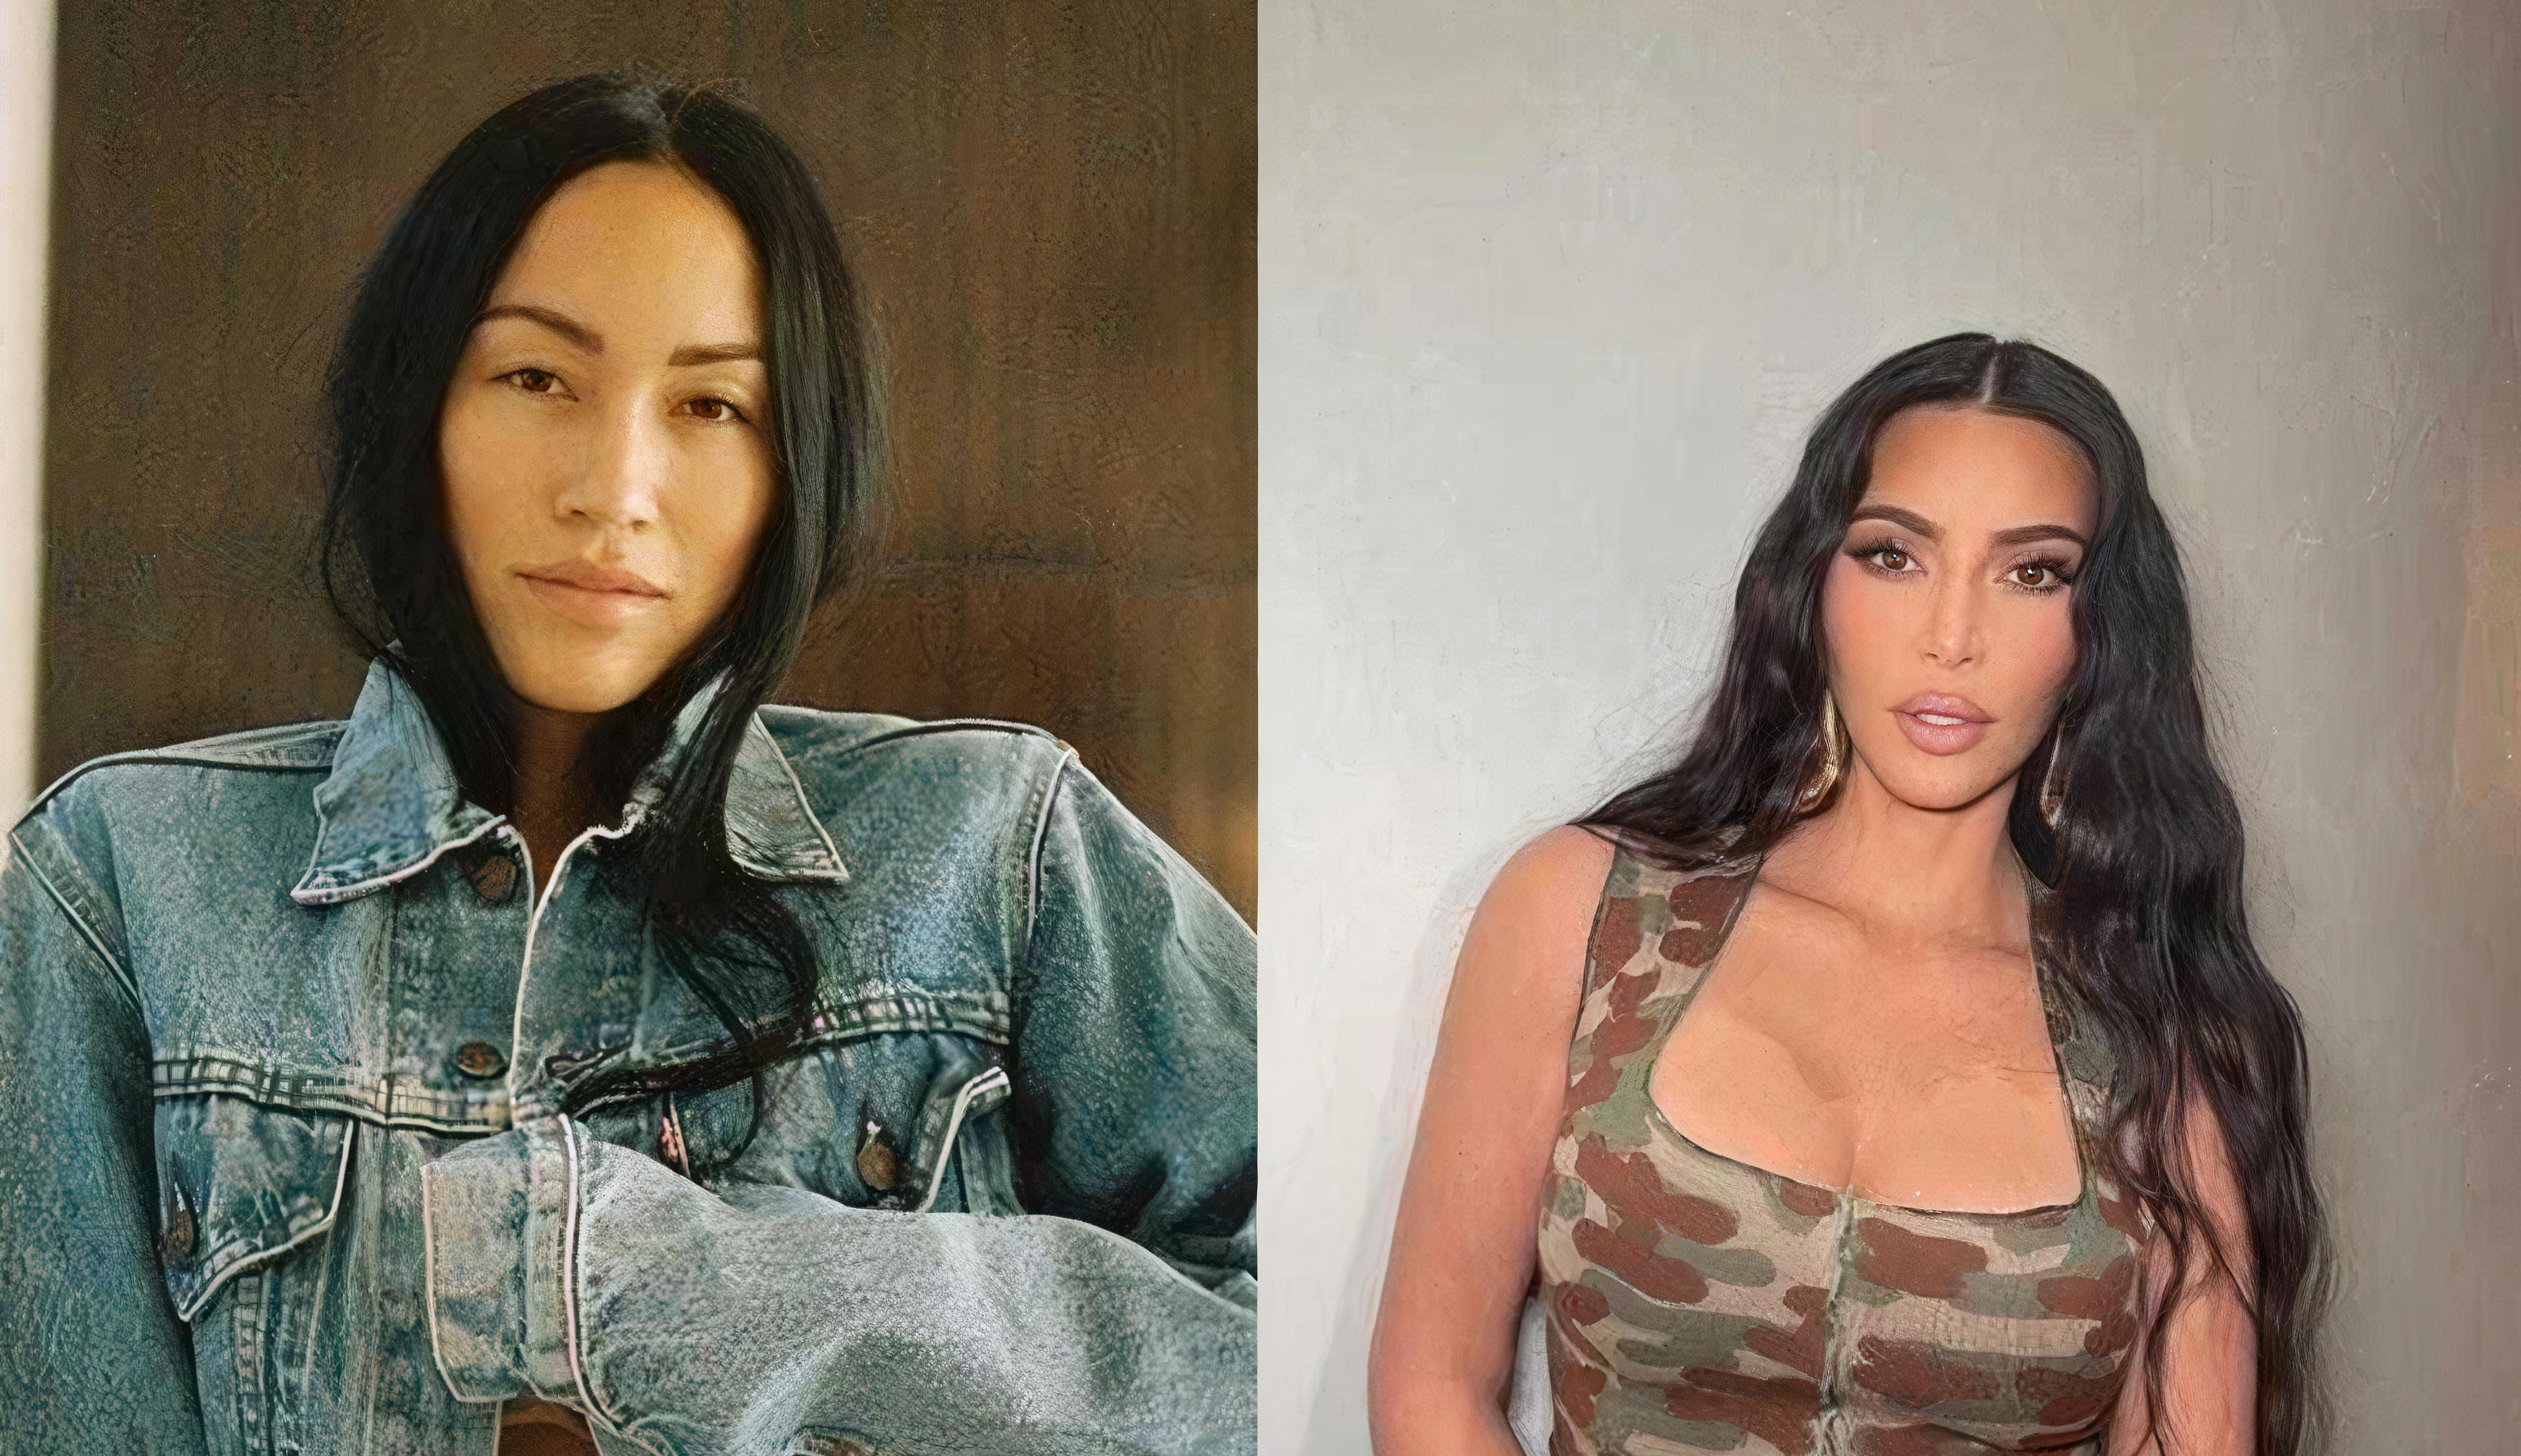 Demitida por Kim Kardashian, ex-assistente chora ao ganhar bolsa de aniversário avaliada em R$133 mil da empresária.